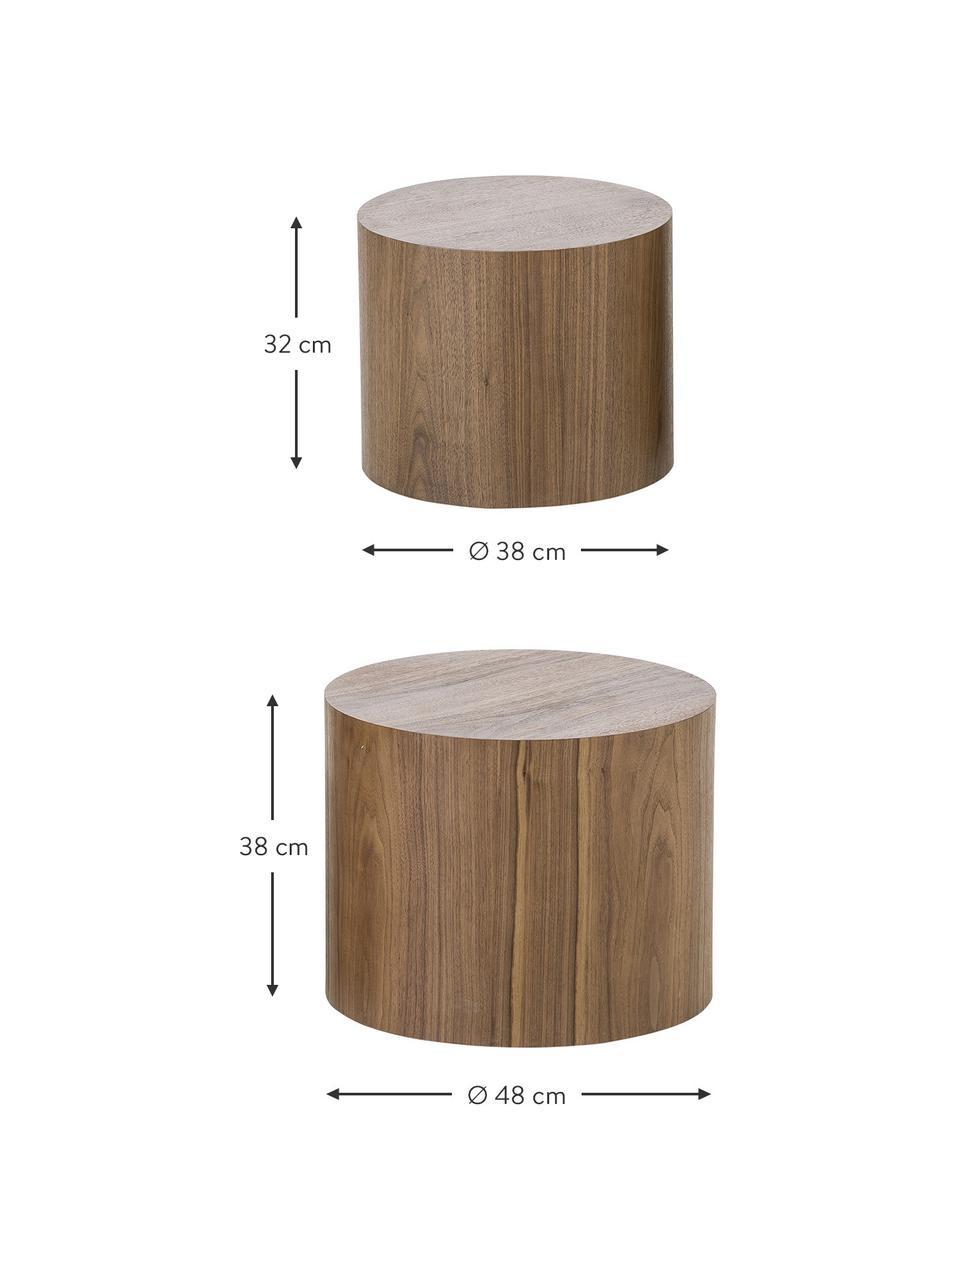 Beistelltisch-Set Dan aus Holz, 2-tlg., Mitteldichte Holzfaserplatte (MDF) mit Walnussholzfurnier, Dunkelbraun, Sondergrößen